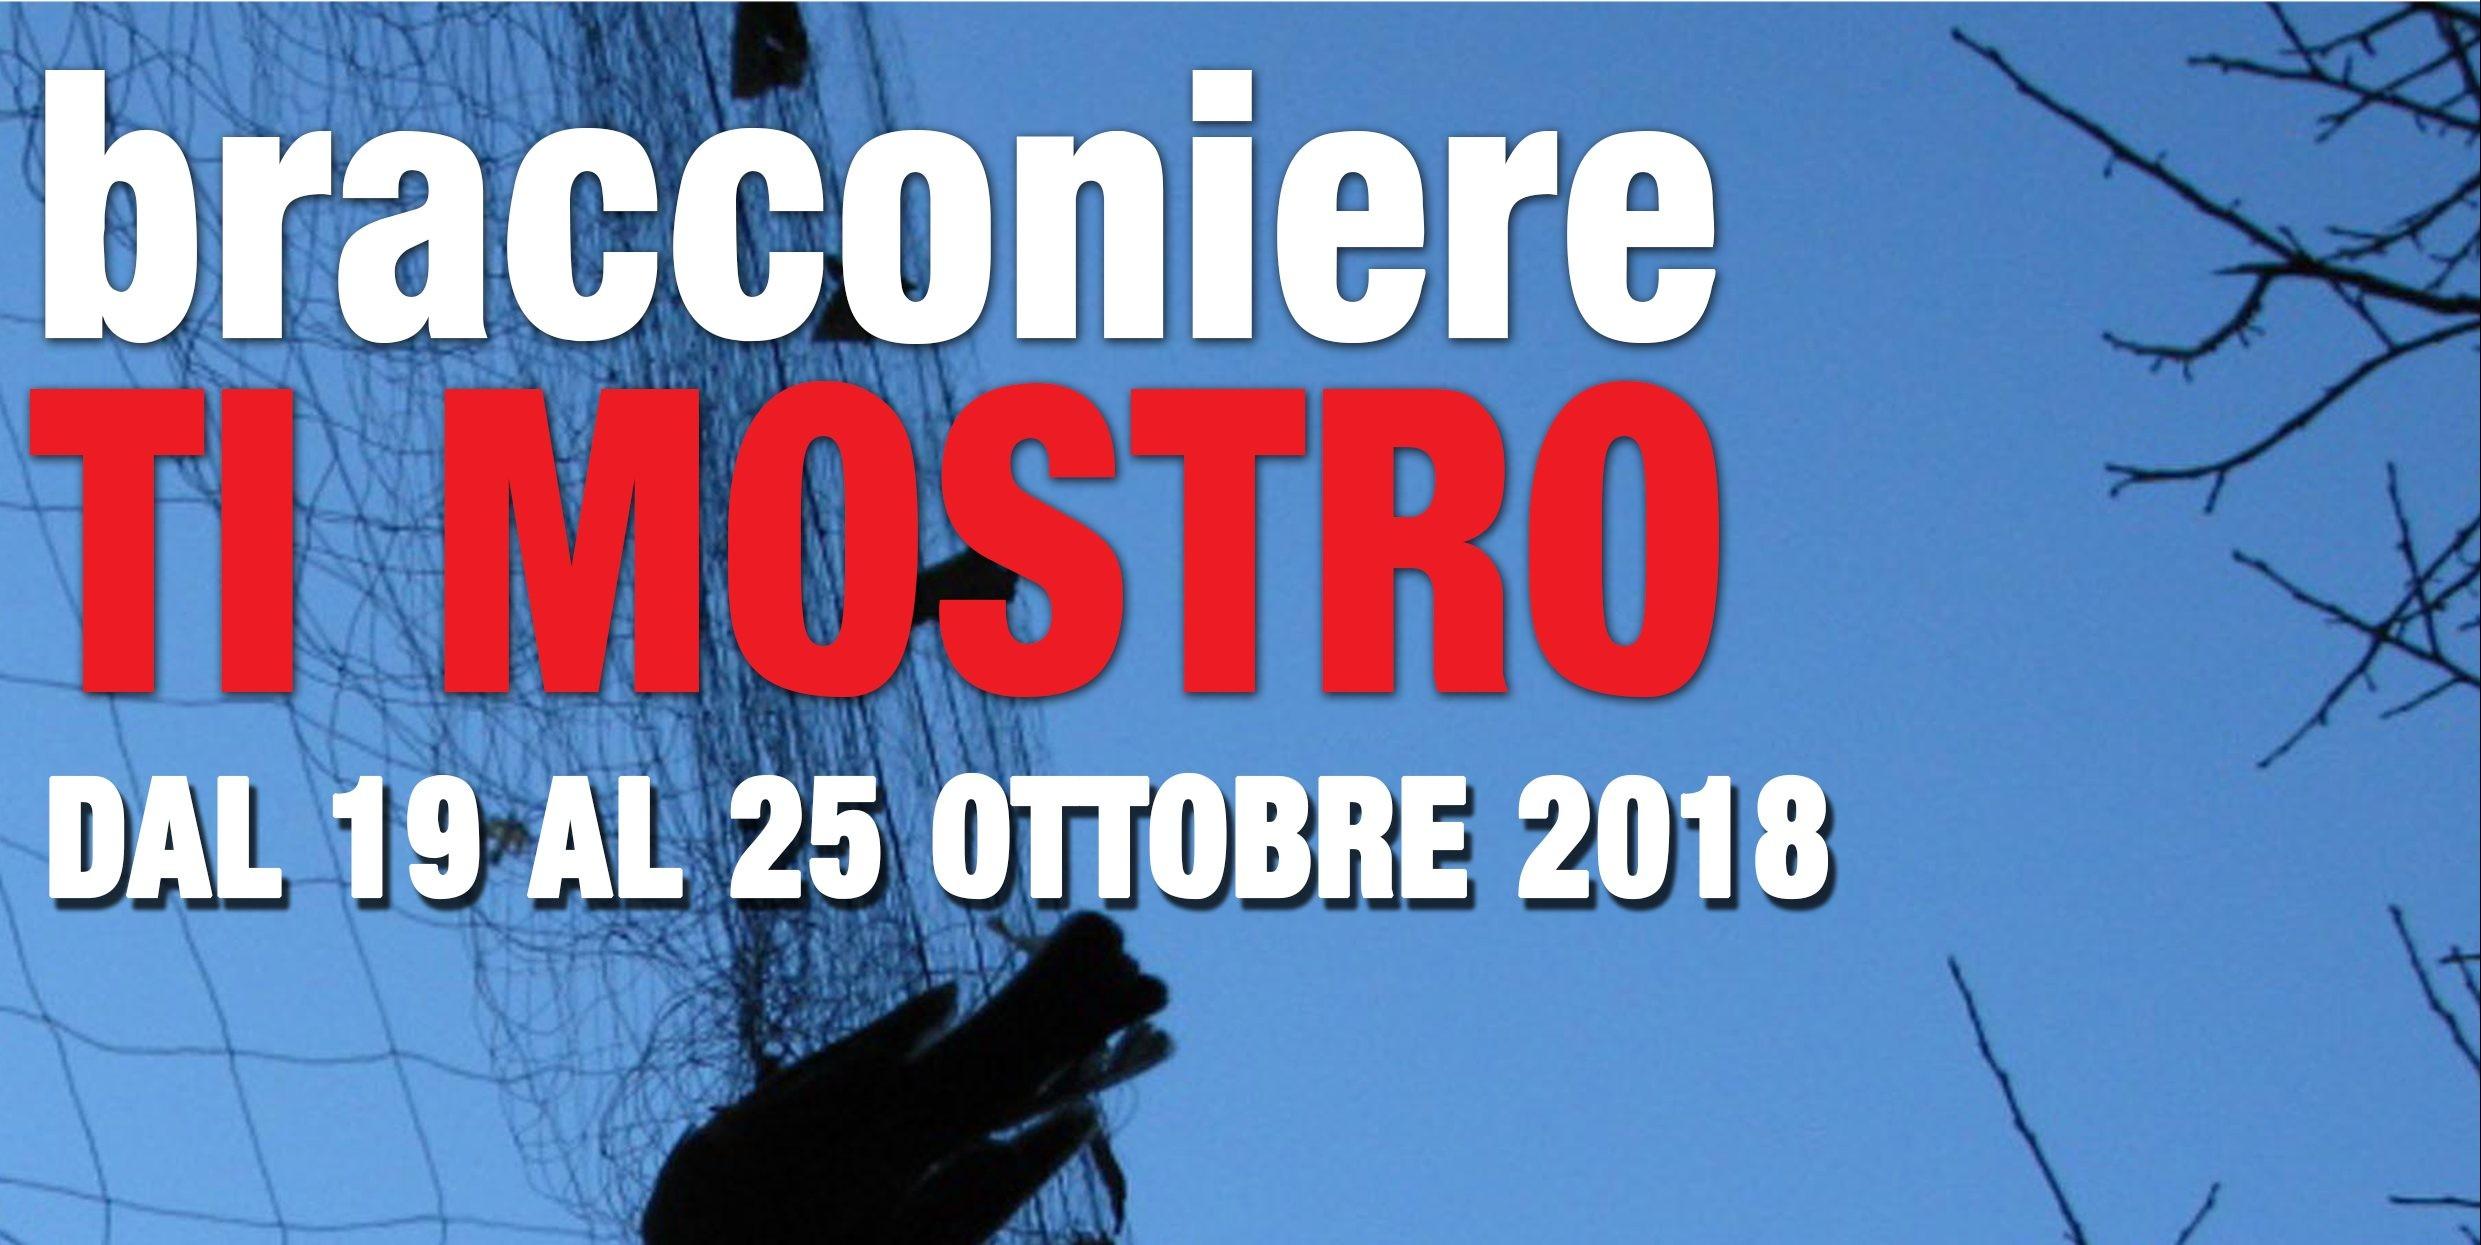 """Calendario Giugno Luglio Agosto 2019 Más Actual Al Via A Dueville Vi La Mostra """"bracconiere Ti Mostro"""" • Iocaccio"""